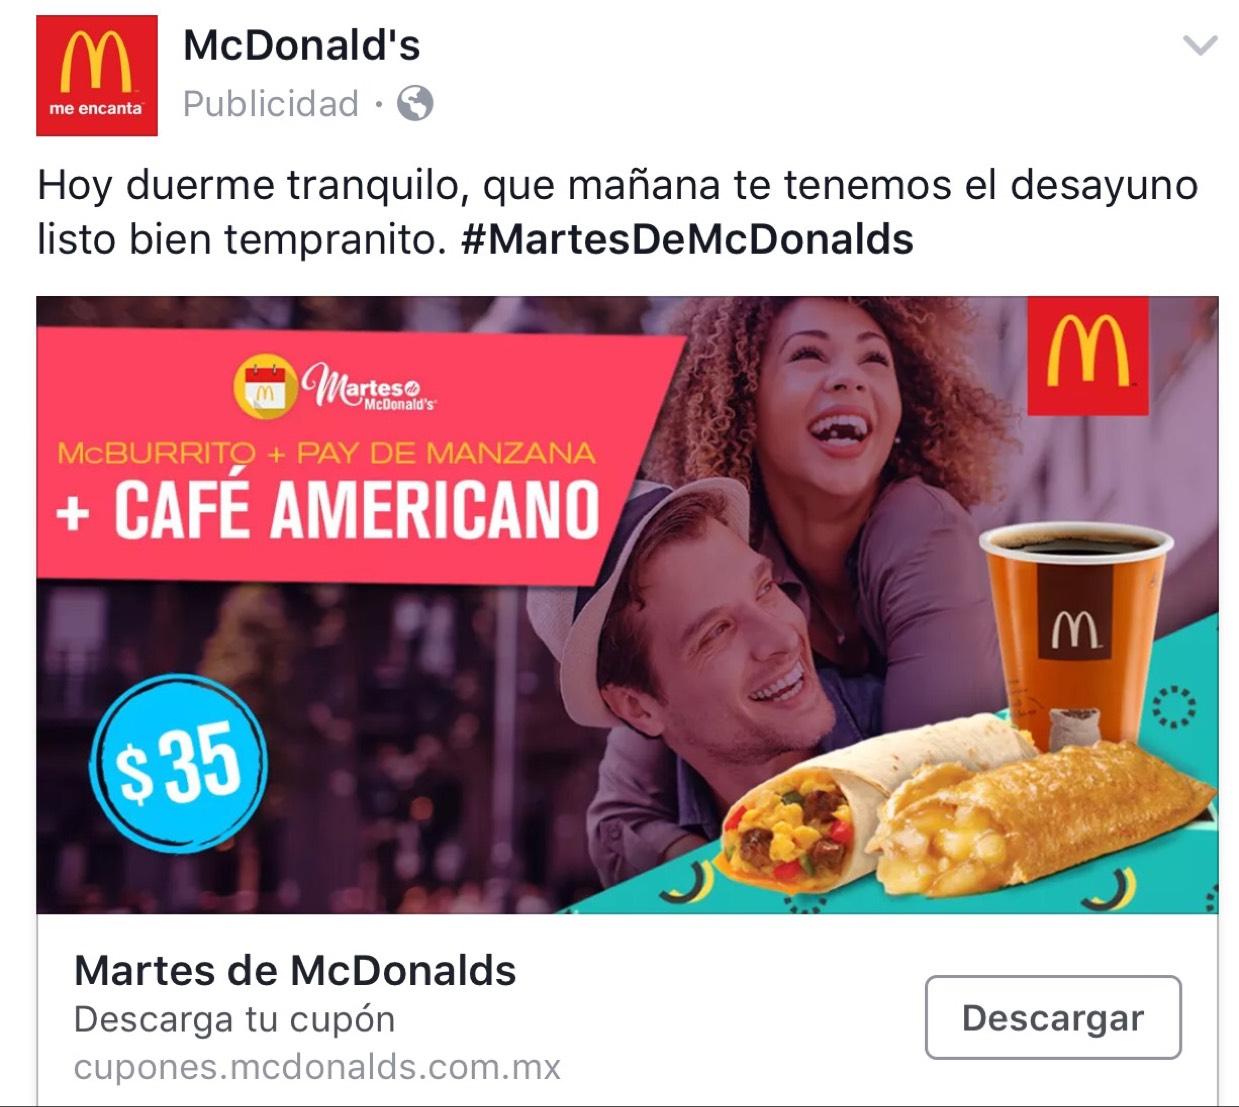 Martes de McDonald's: 1 Burrito a la mexicana, 1 Pay de manzana & 1 Café americano de 12 Oz con refill gratis a $35